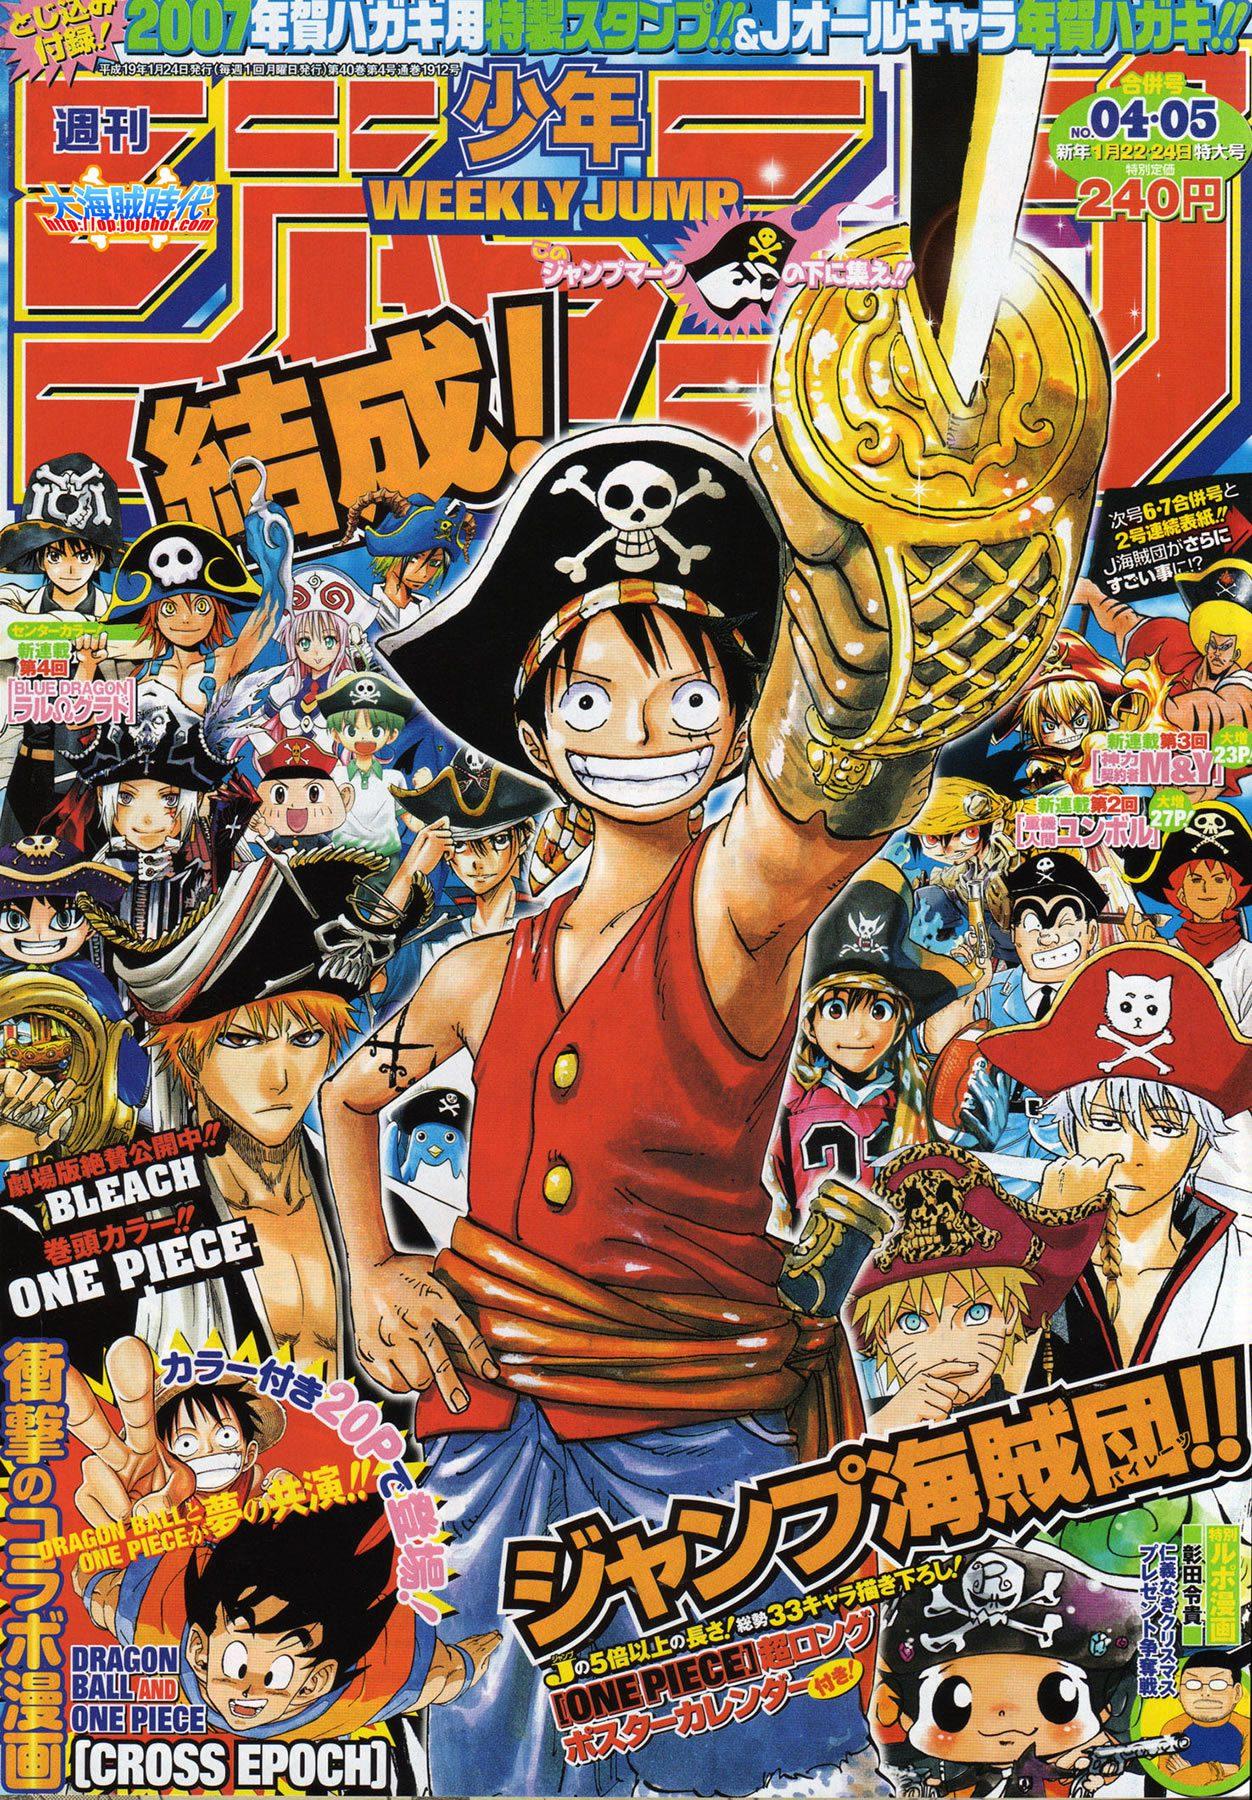 Giải thưởng Manga của tạp chí Shonen Jump